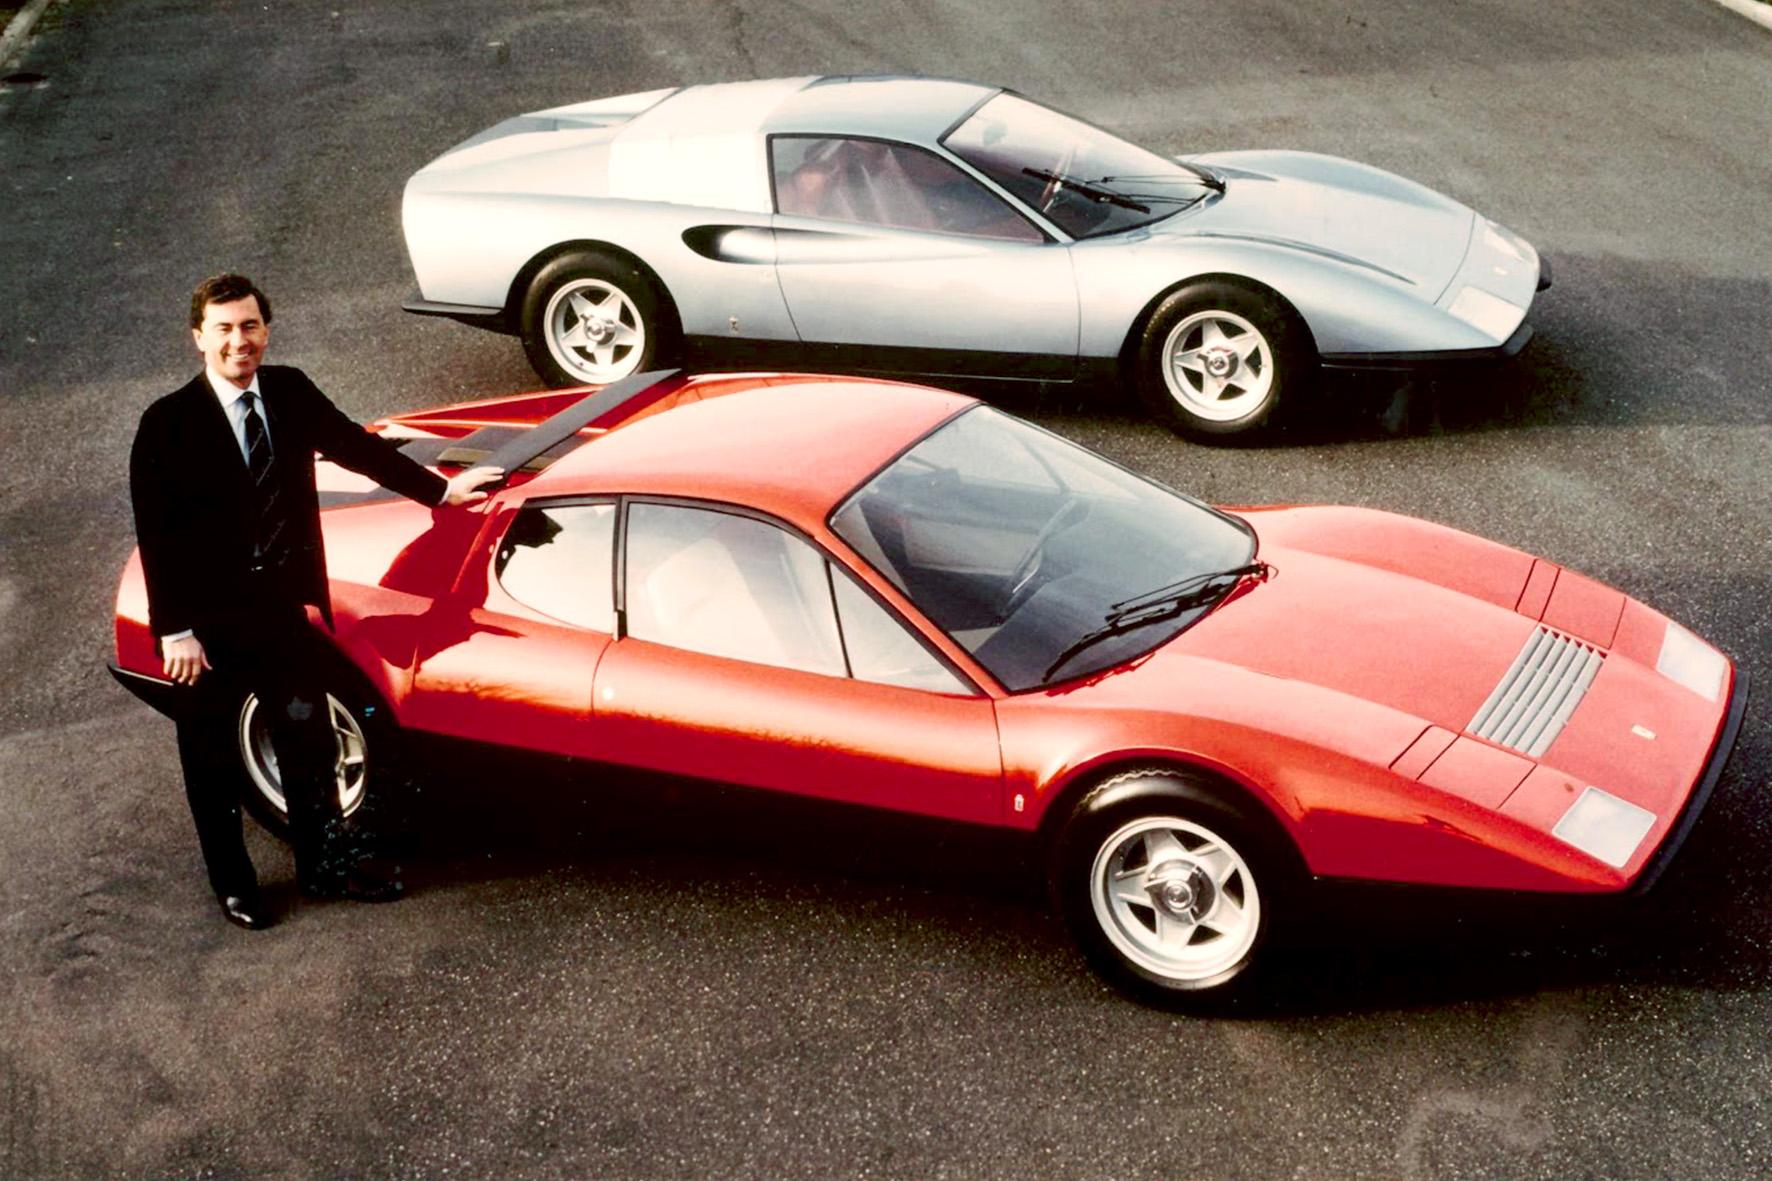 Leonardo Fioravanti accanto a due berlinette Ferrari da lui disegnate, tra cui (rossa, in primo piano) la '365' GT4 BB, foto © aut./Ruoteclassiche-Domus/MAUTO